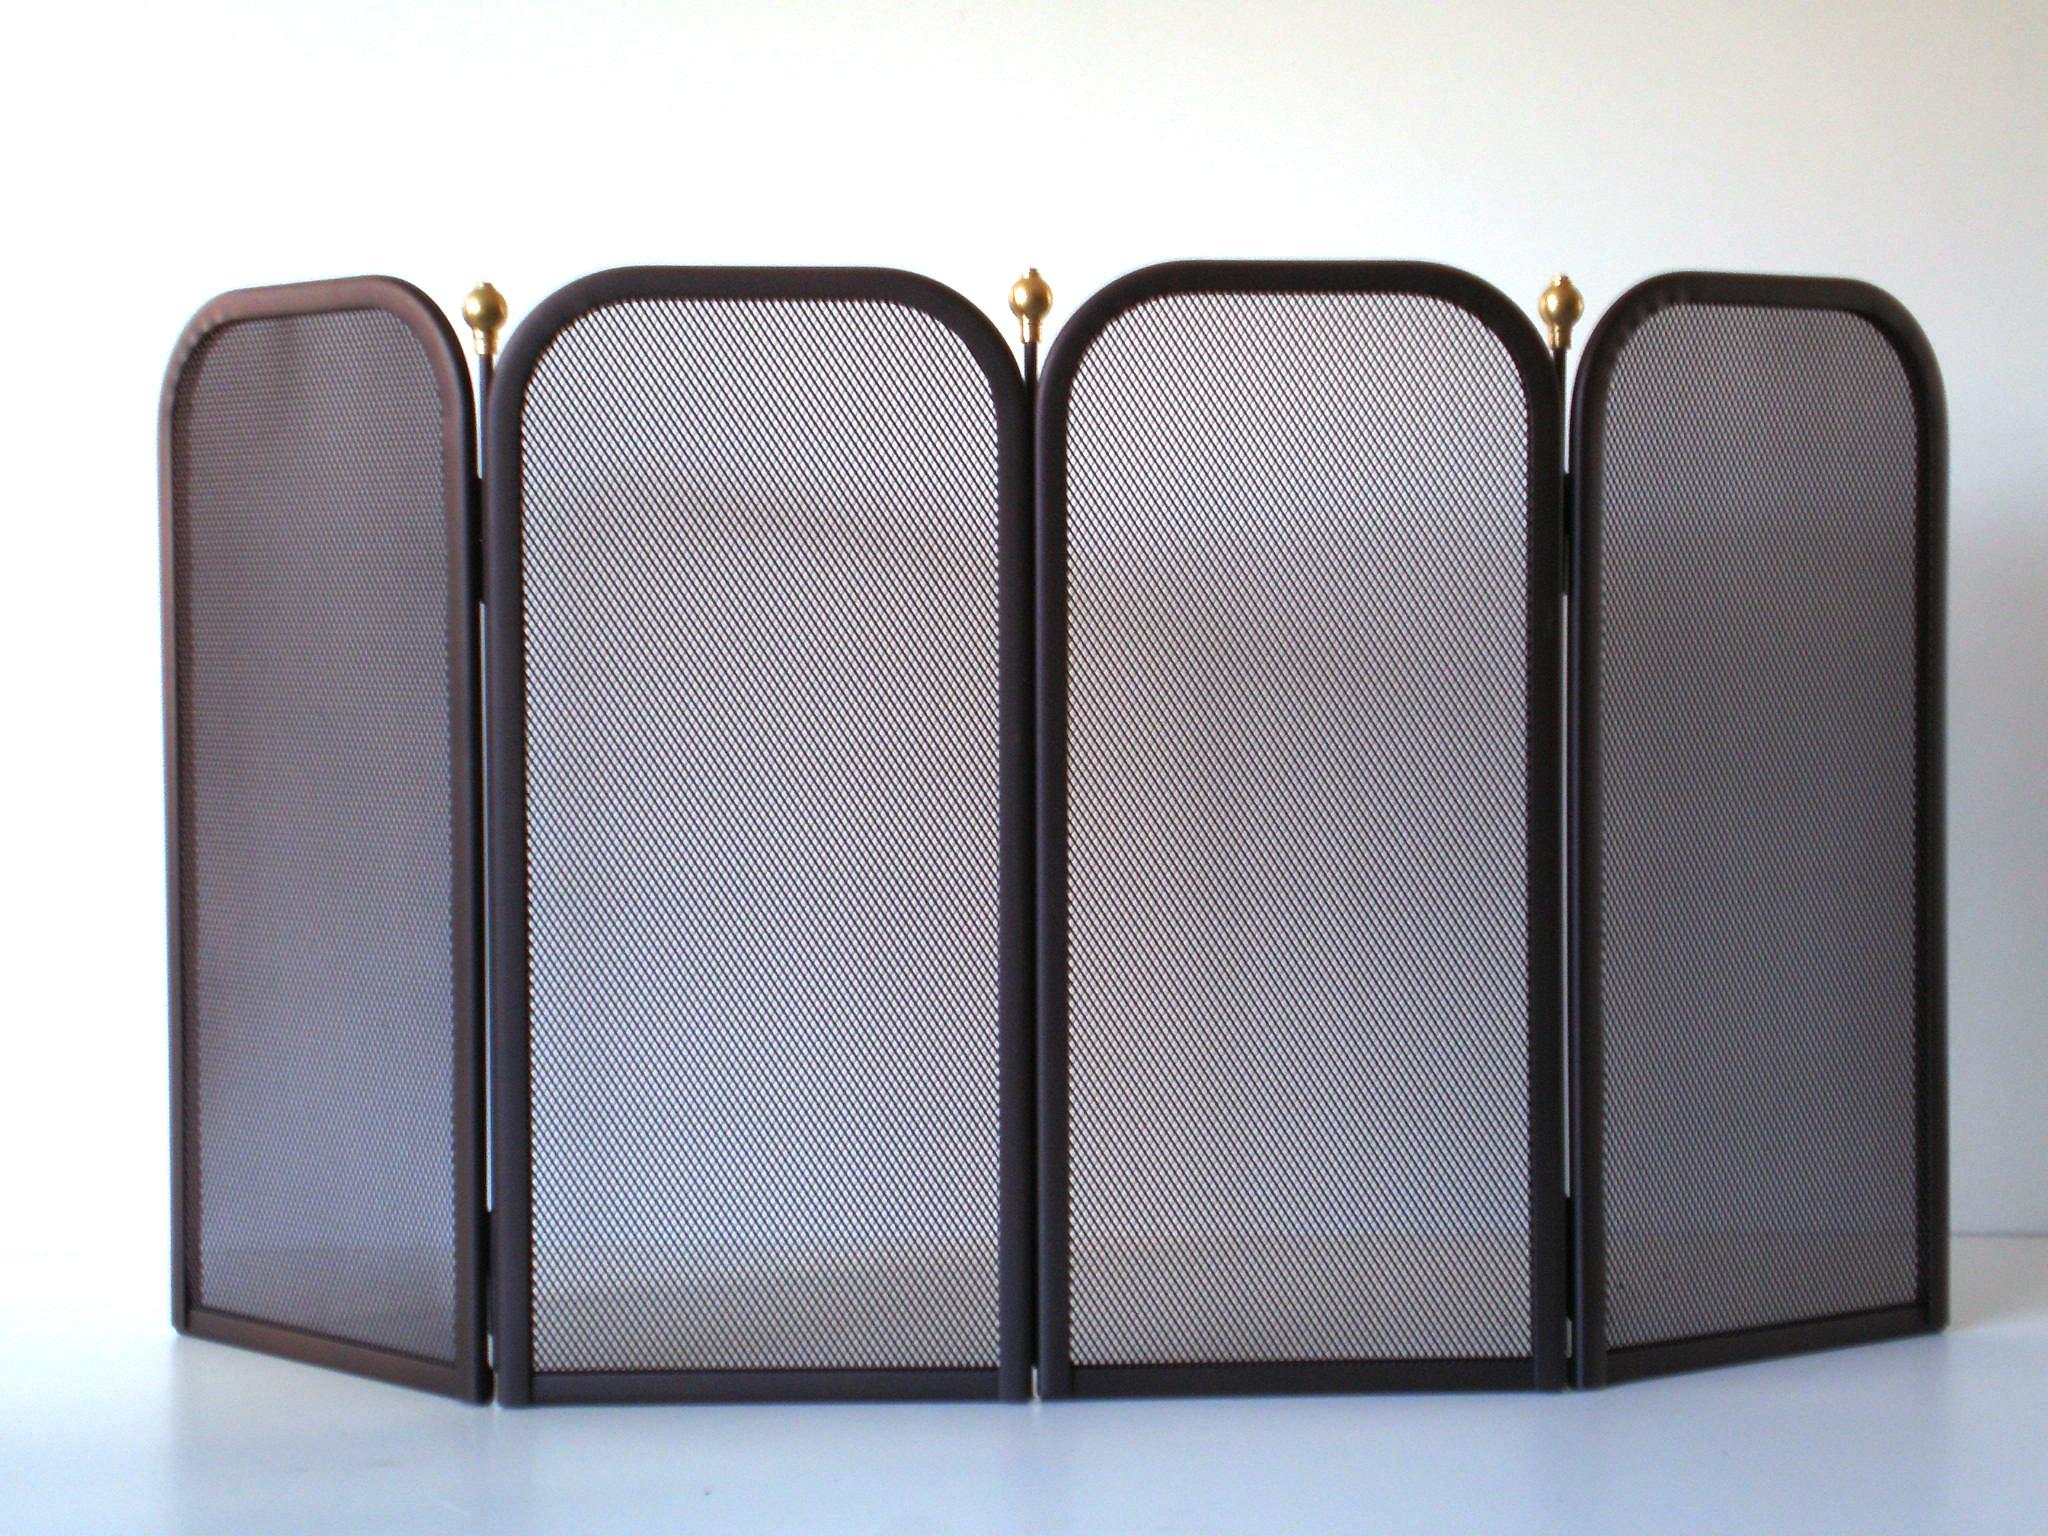 """Προστατευτικό Παραβάν Τζακιού """"Oro Μπίλια 4φυλλο Σκουριά"""" - Β - 3-130_4φυλλο διακοσμηση σαλόνι είδη τζακιού"""